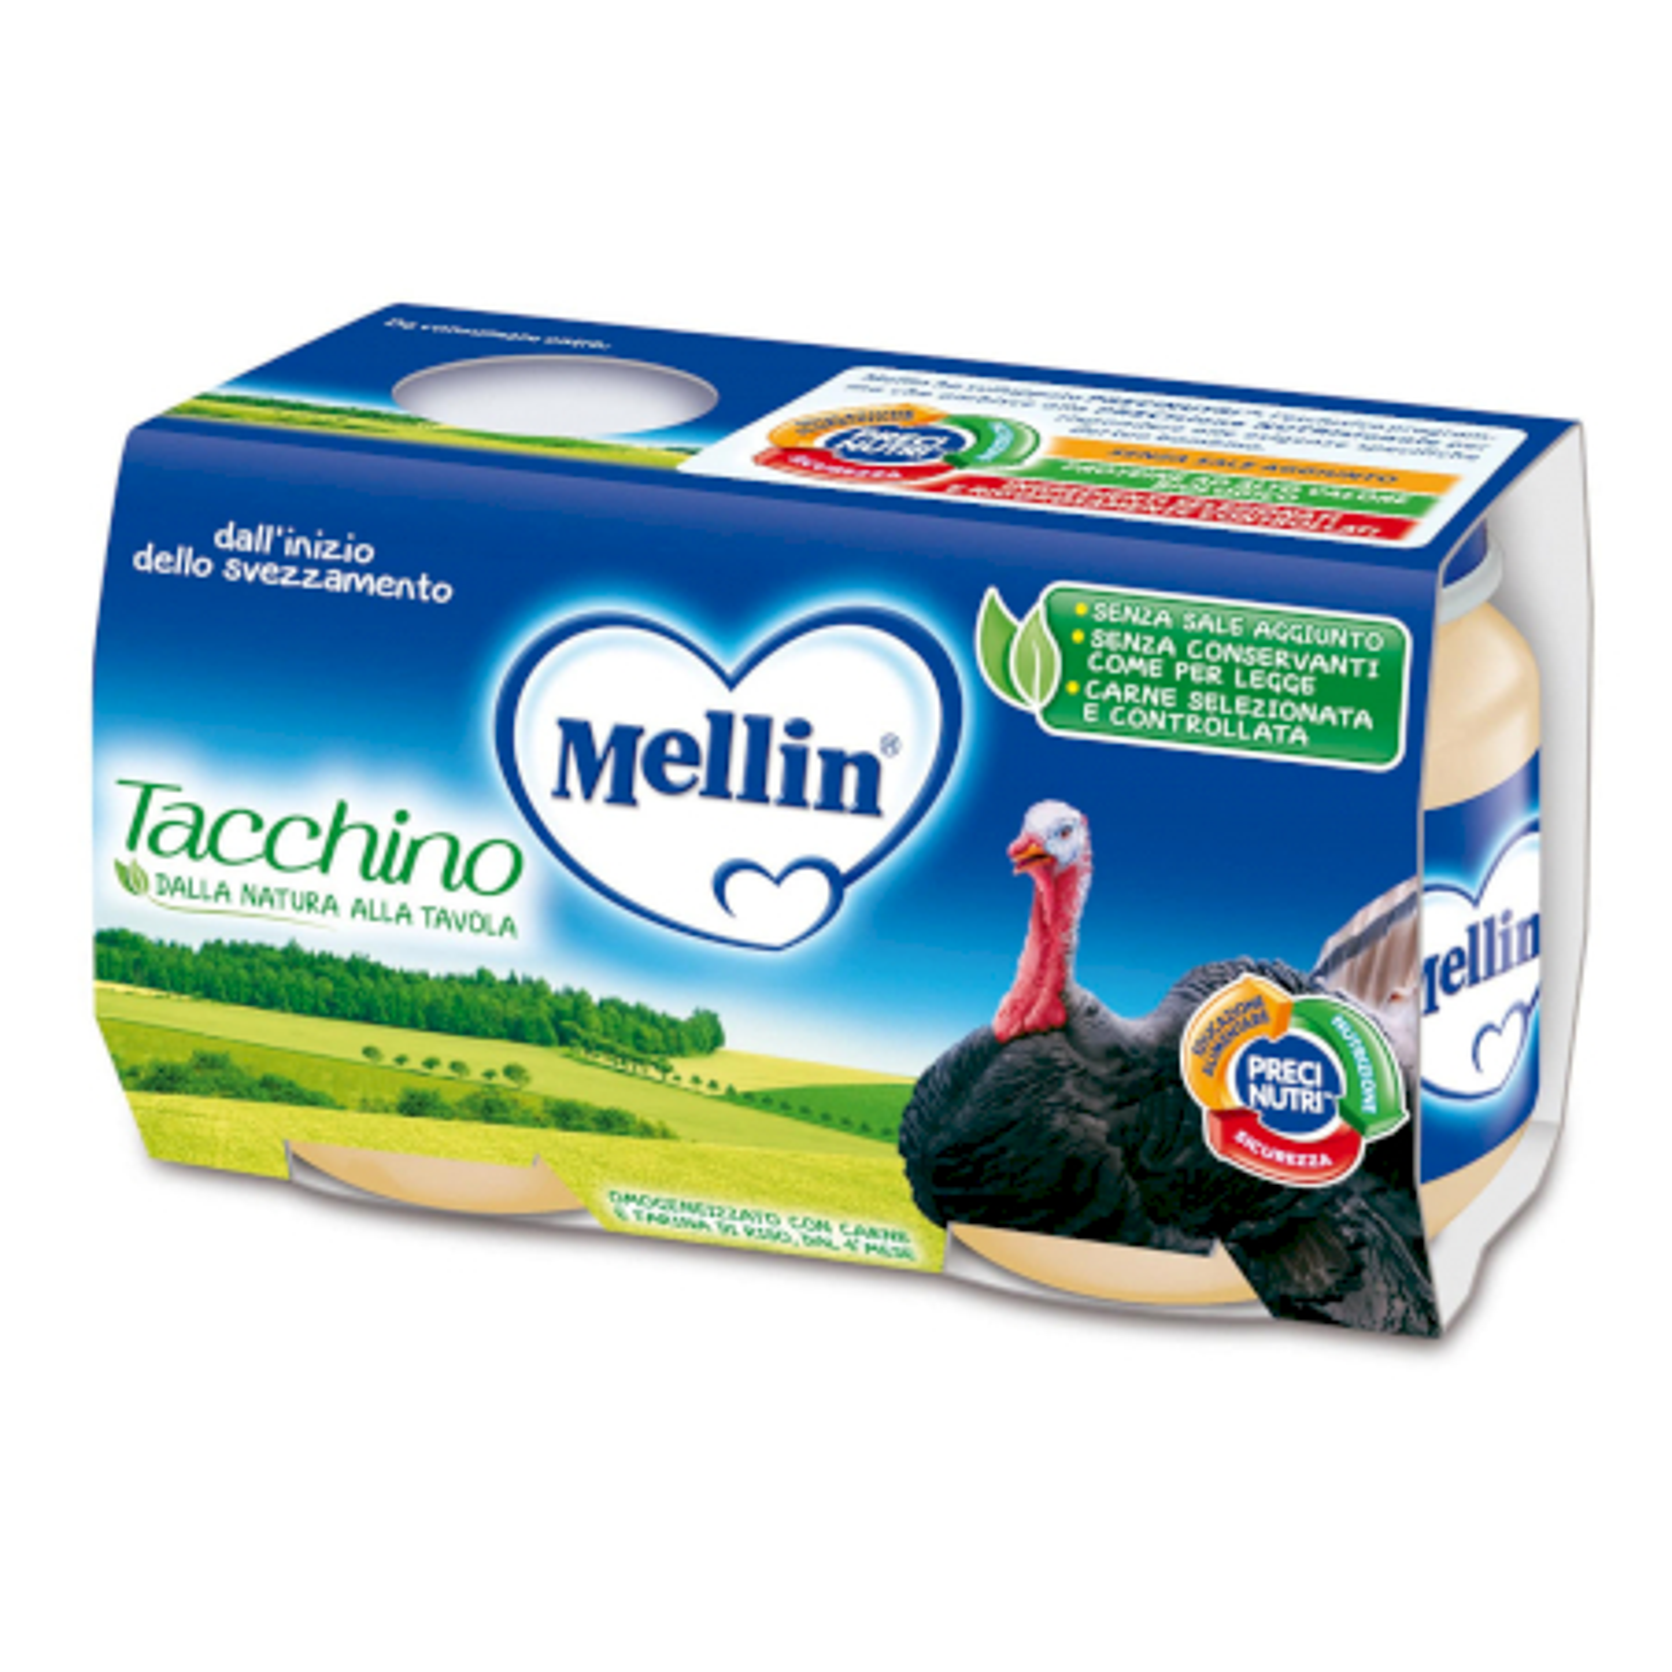 Omogeneizzato Tacchino Mellin - 2 x 120 g